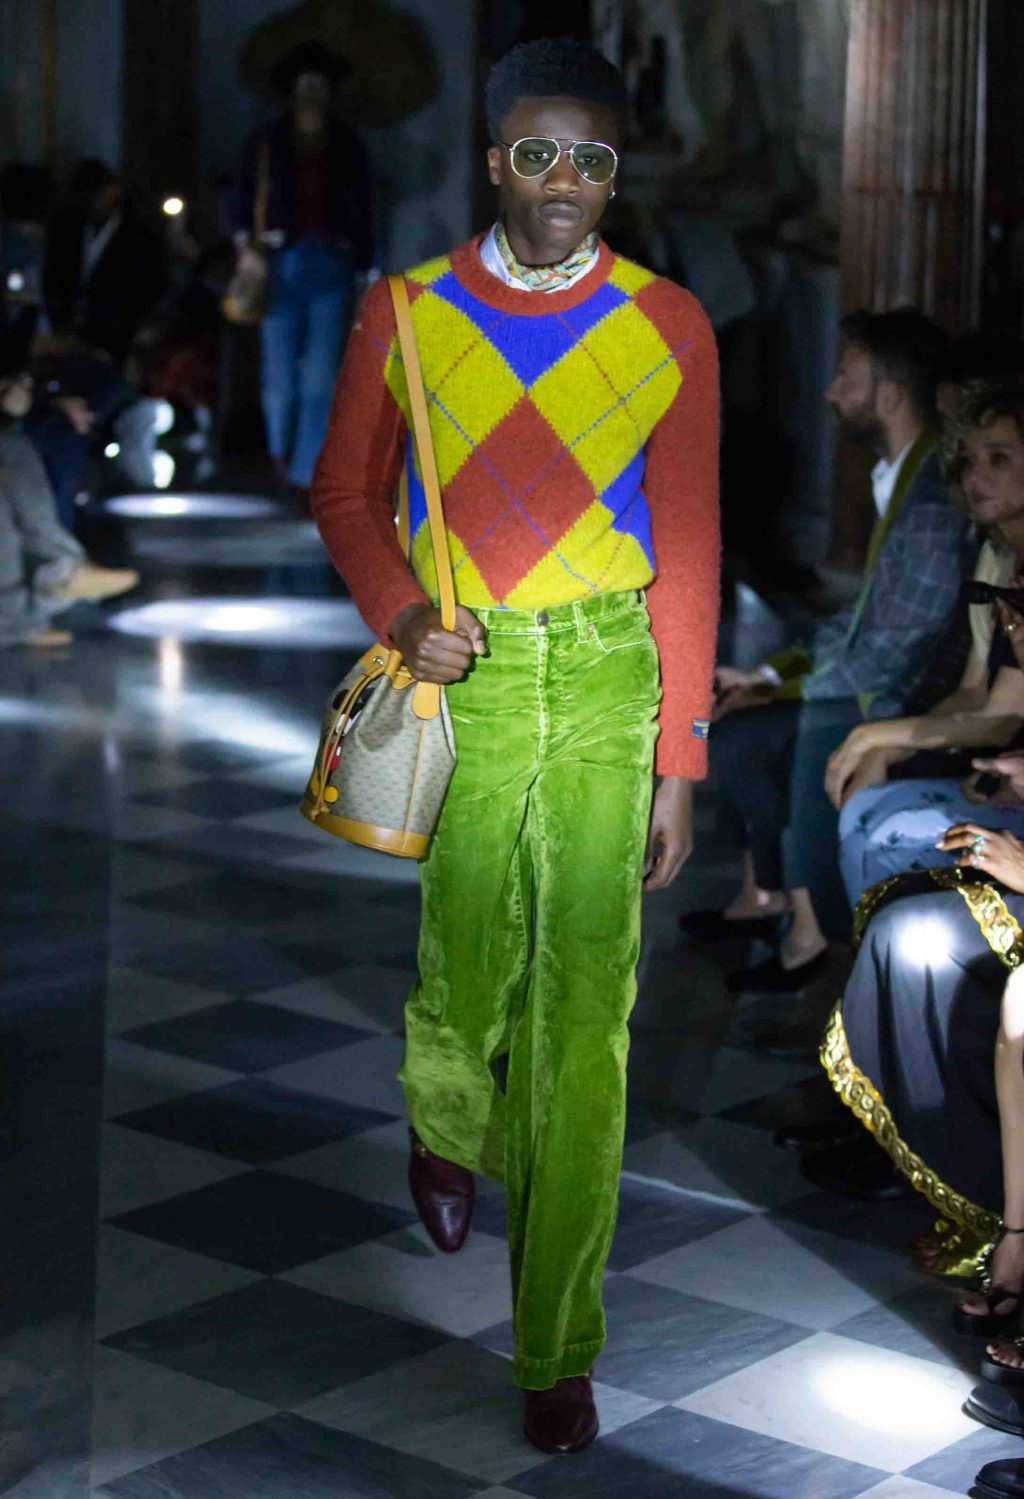 trang phục lấy cảm hứng từ thập niên 70